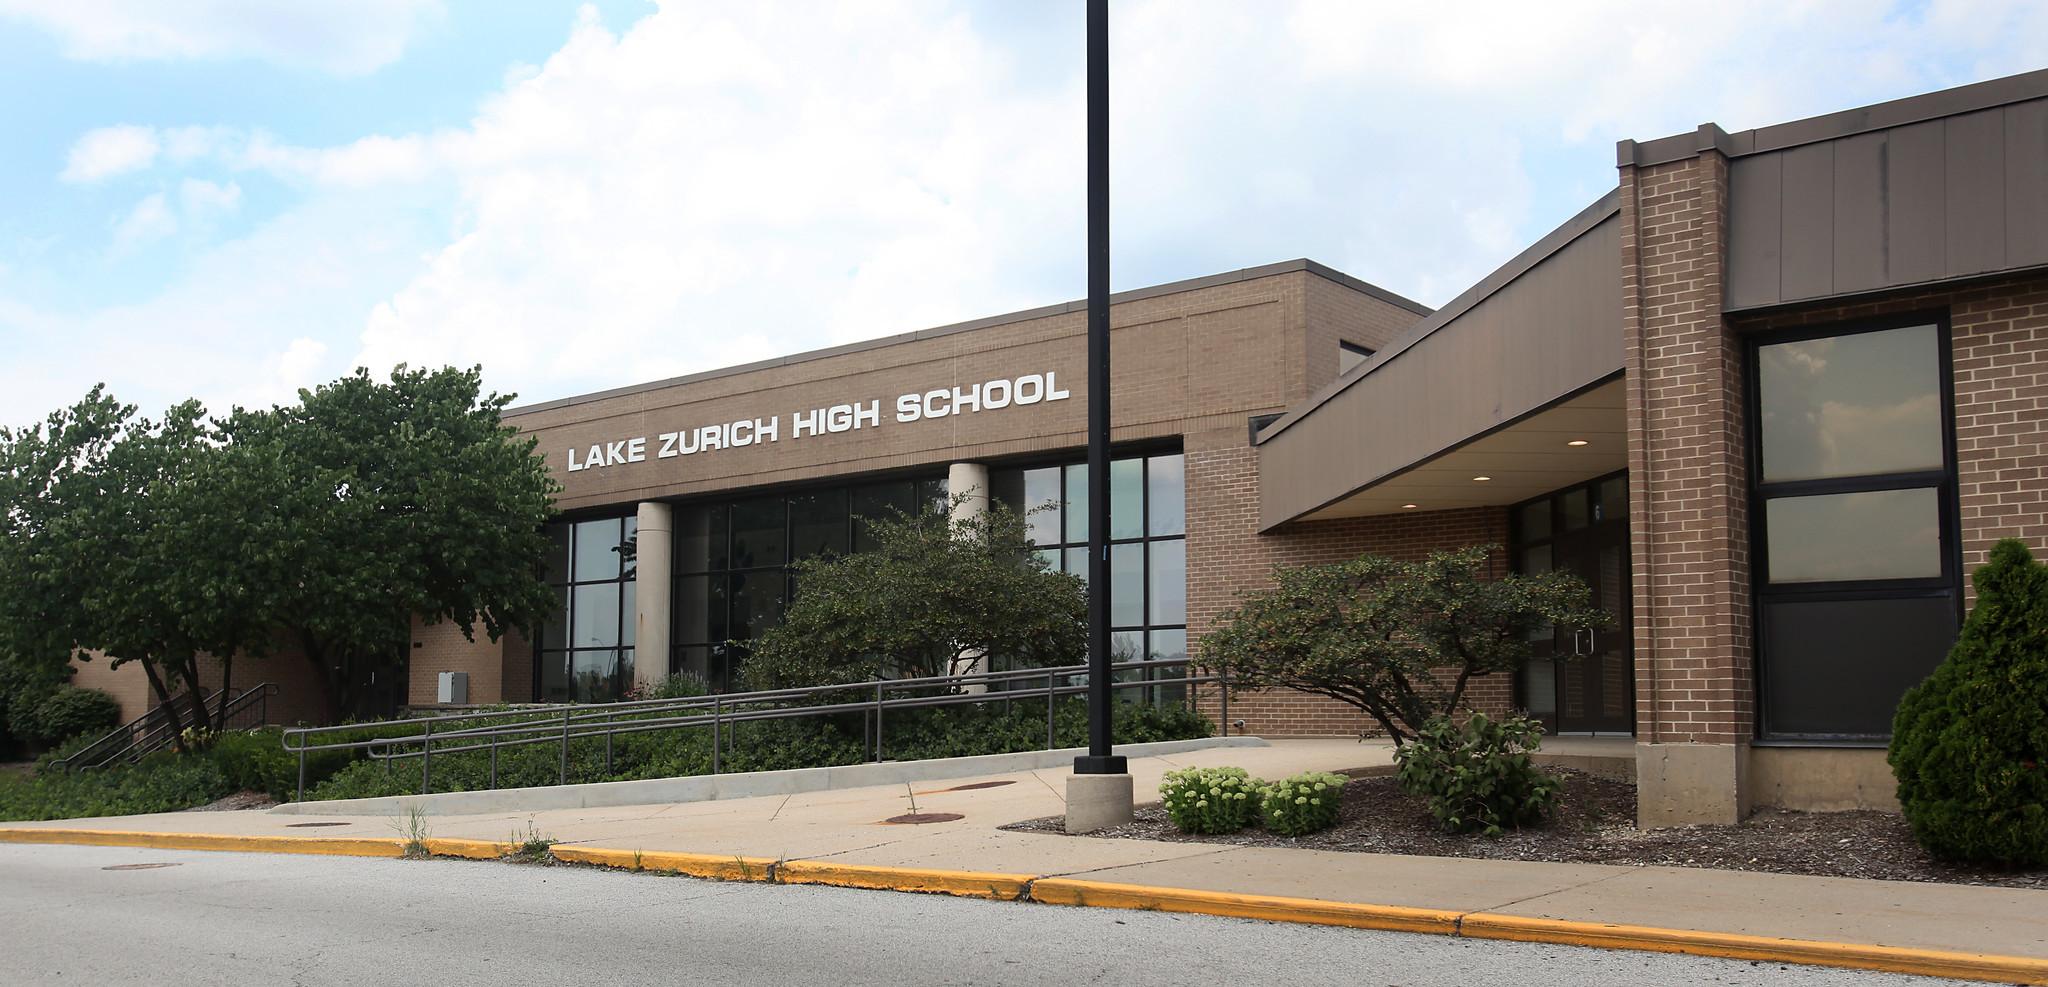 lake zurich police investigate alleged high school sexting